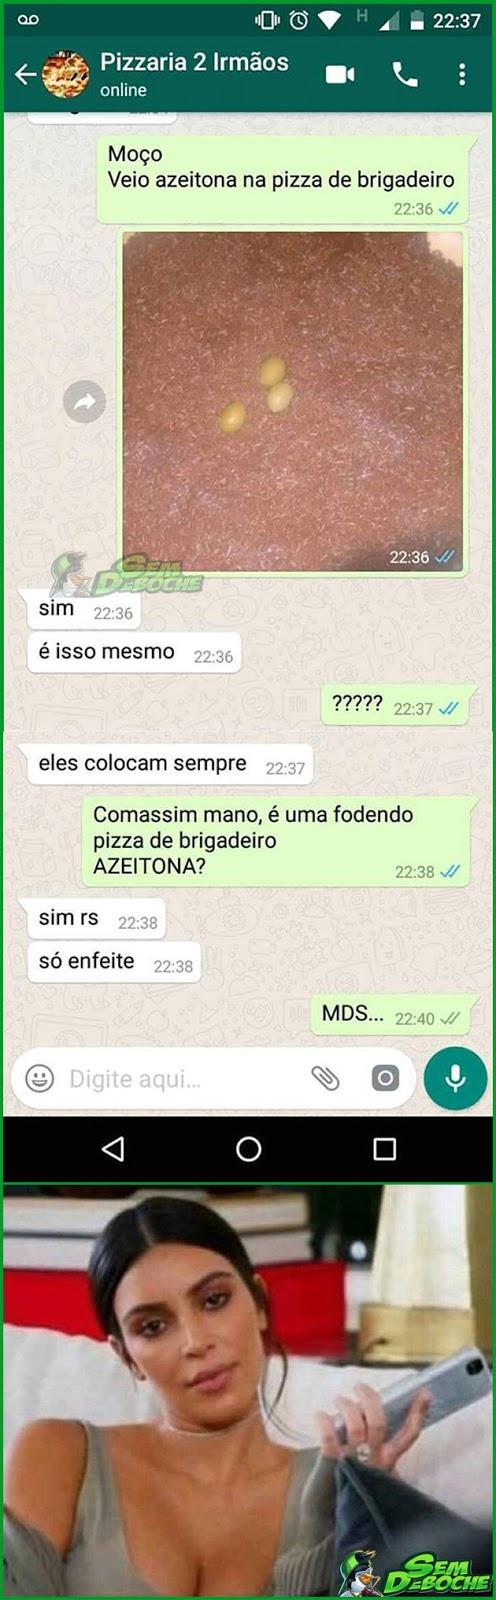 É SÓ DE ENFEITE